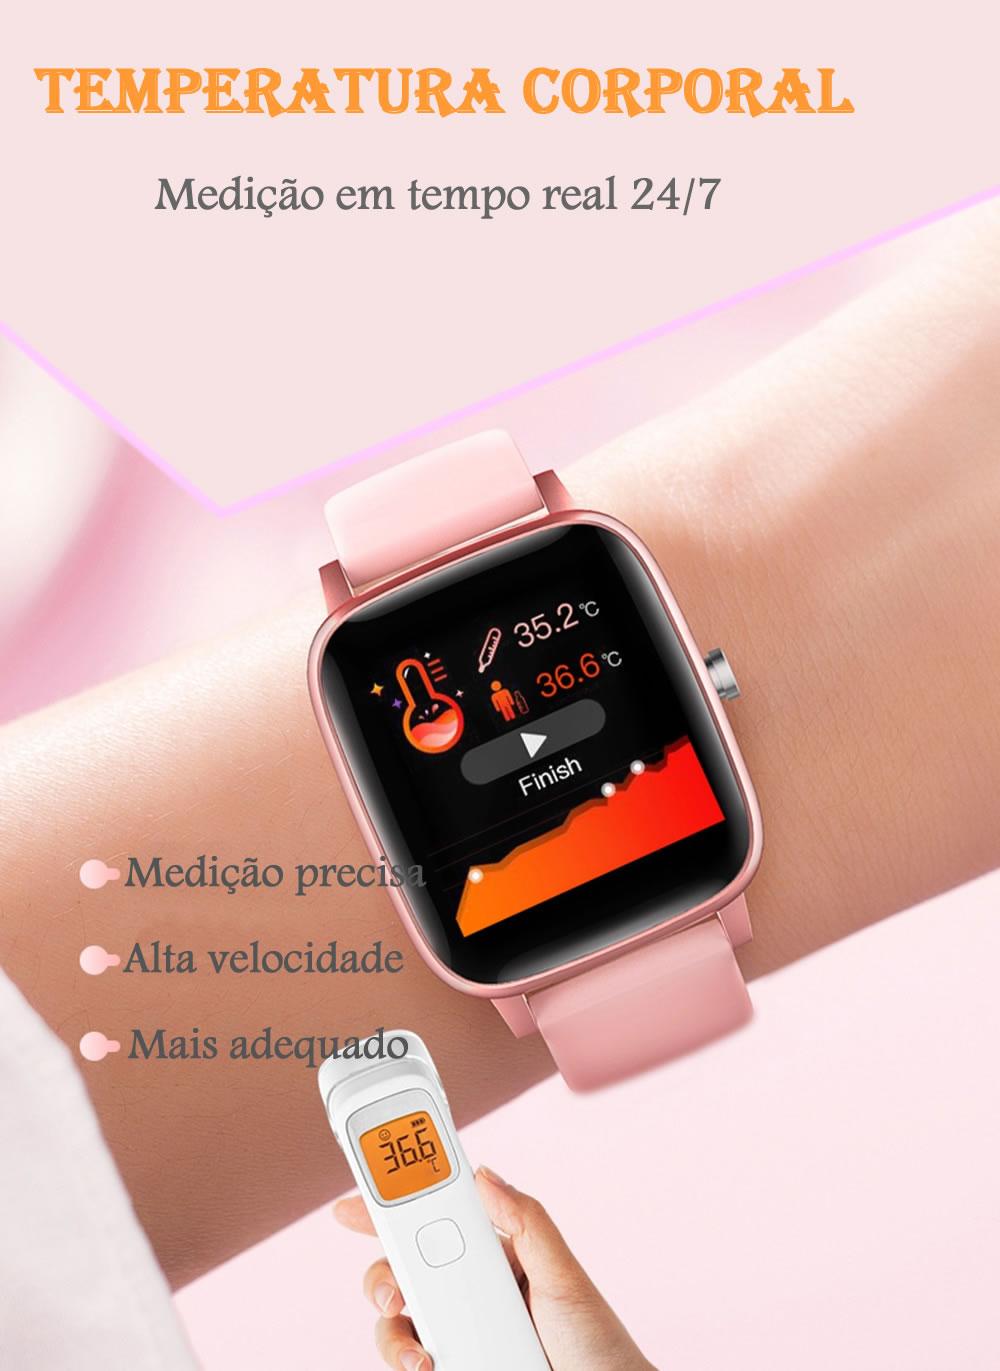 Relógio Inteligente Com Termômetro Corporal Medição